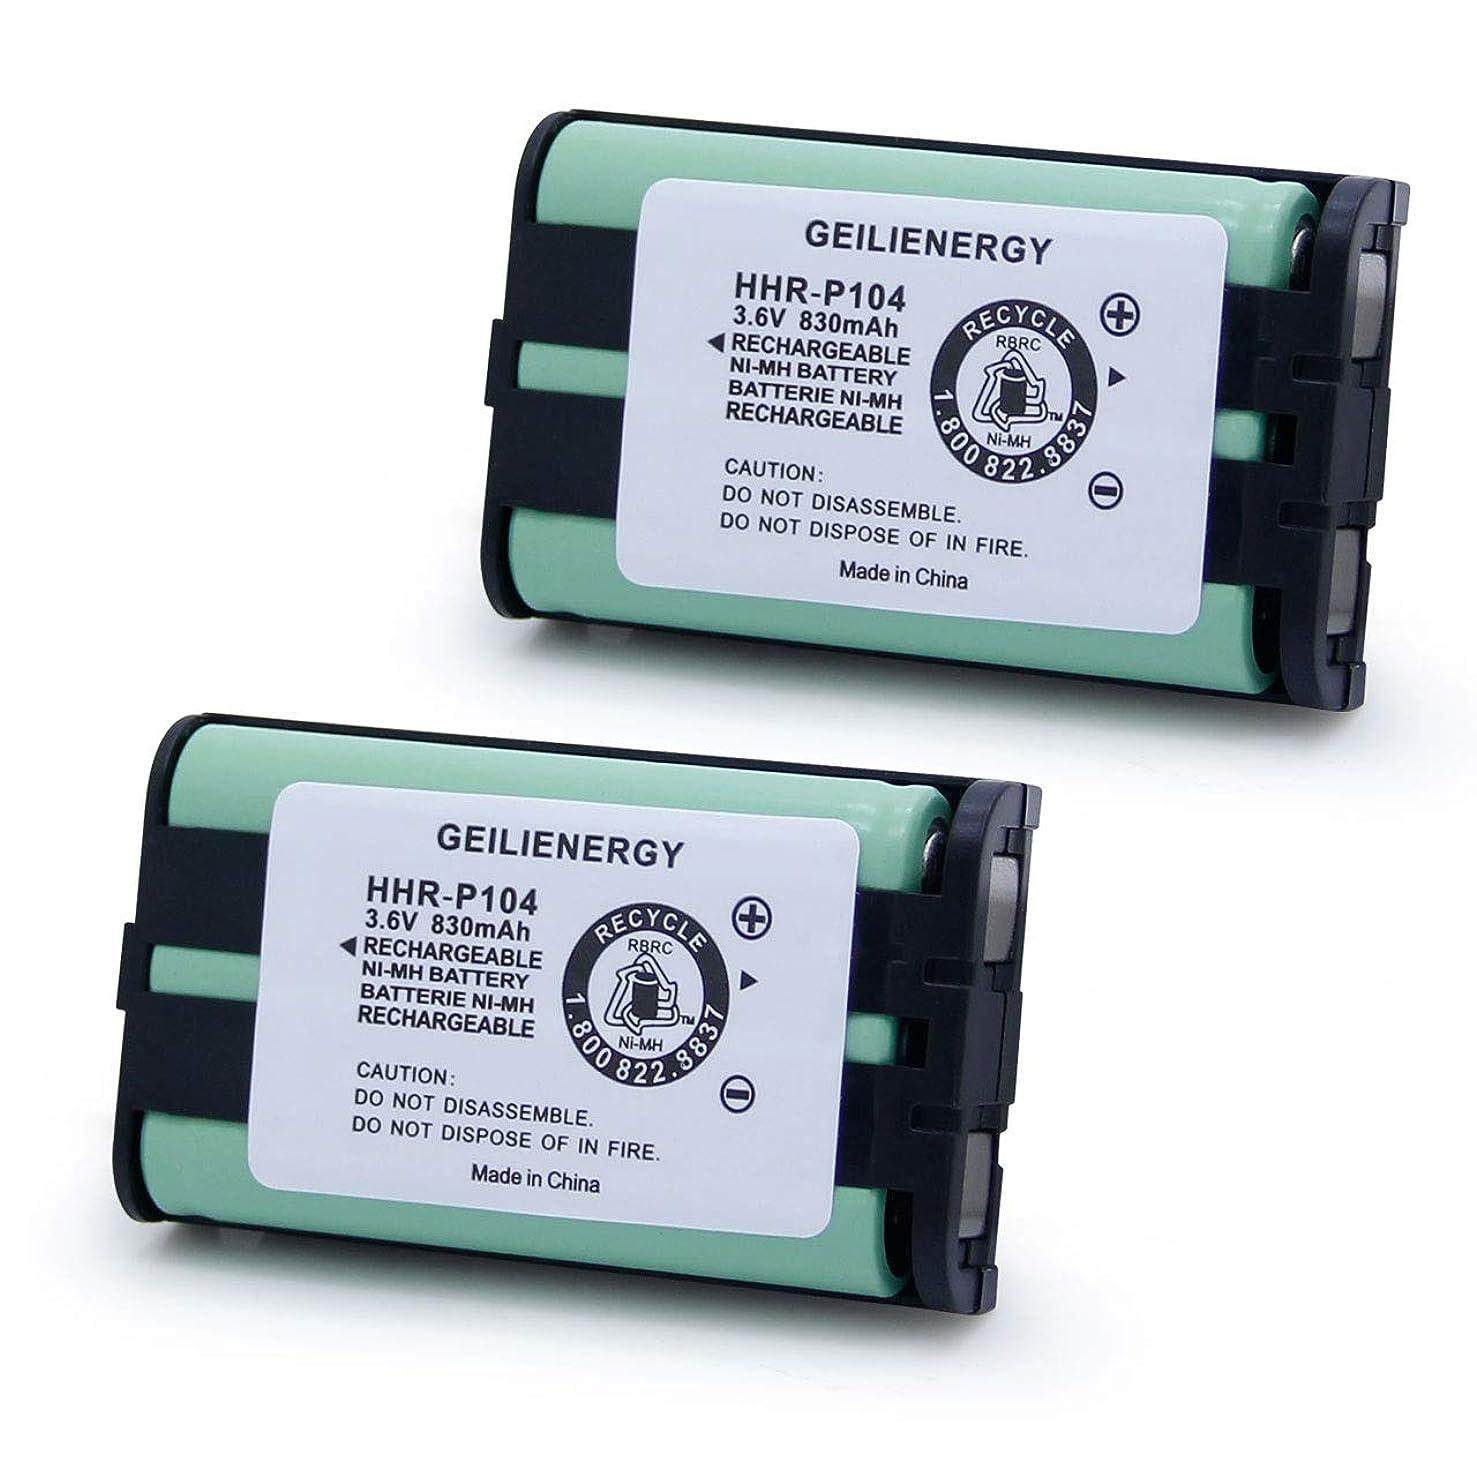 GEILIENERGY 3.6V 830mAh Type 29 Phone Battery Compatible with Panasonic HHR-P104, HHR-P104A, KX-TGA520M,KX-FG6550, KX-FPG391,KX-TG2388B KX-TG2396 KX-TG2300 Panasonic Phone Replacement(2 Pack)